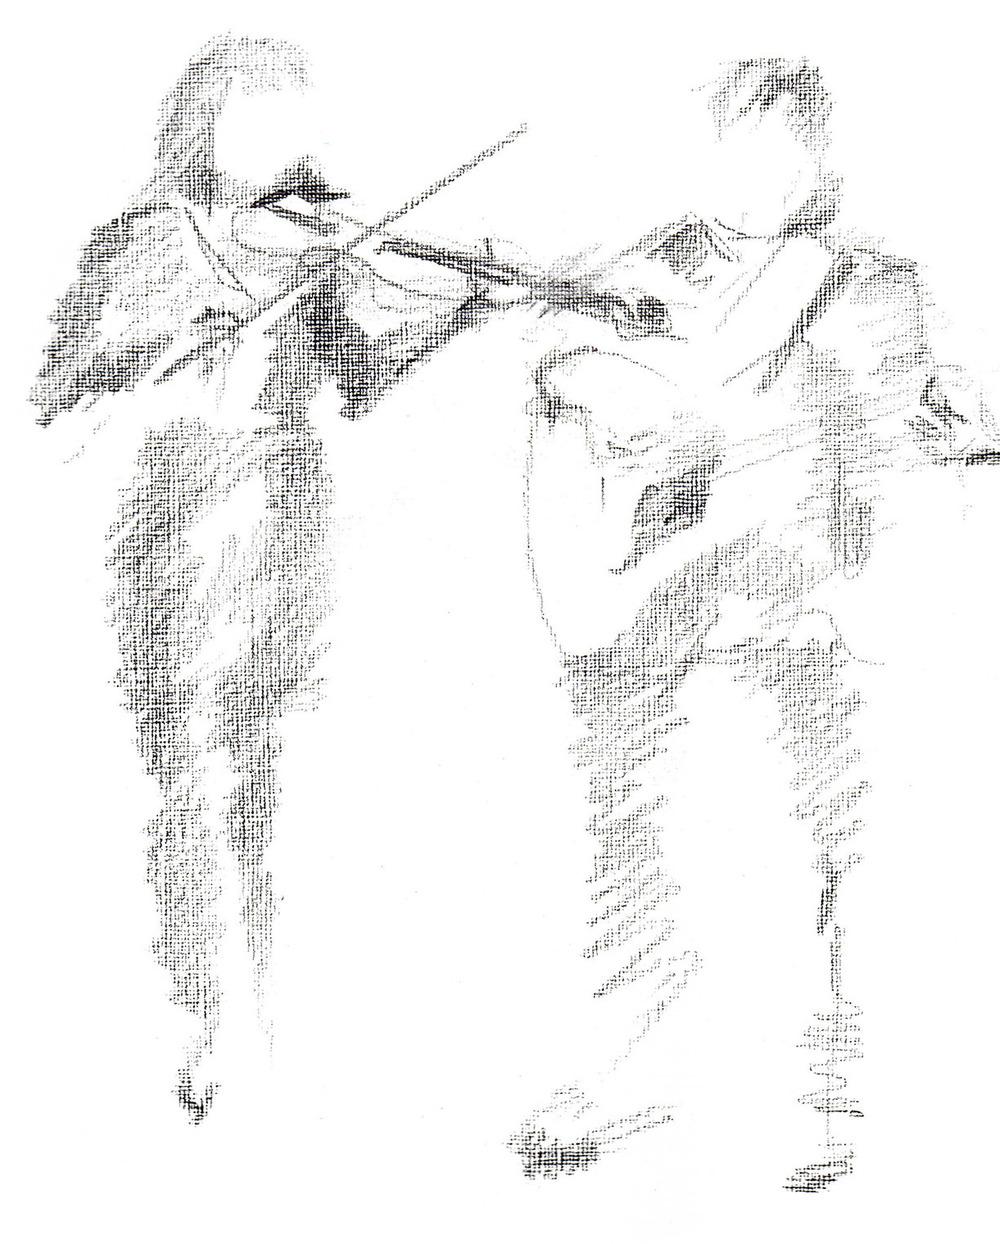 sketchy sketch.jpg